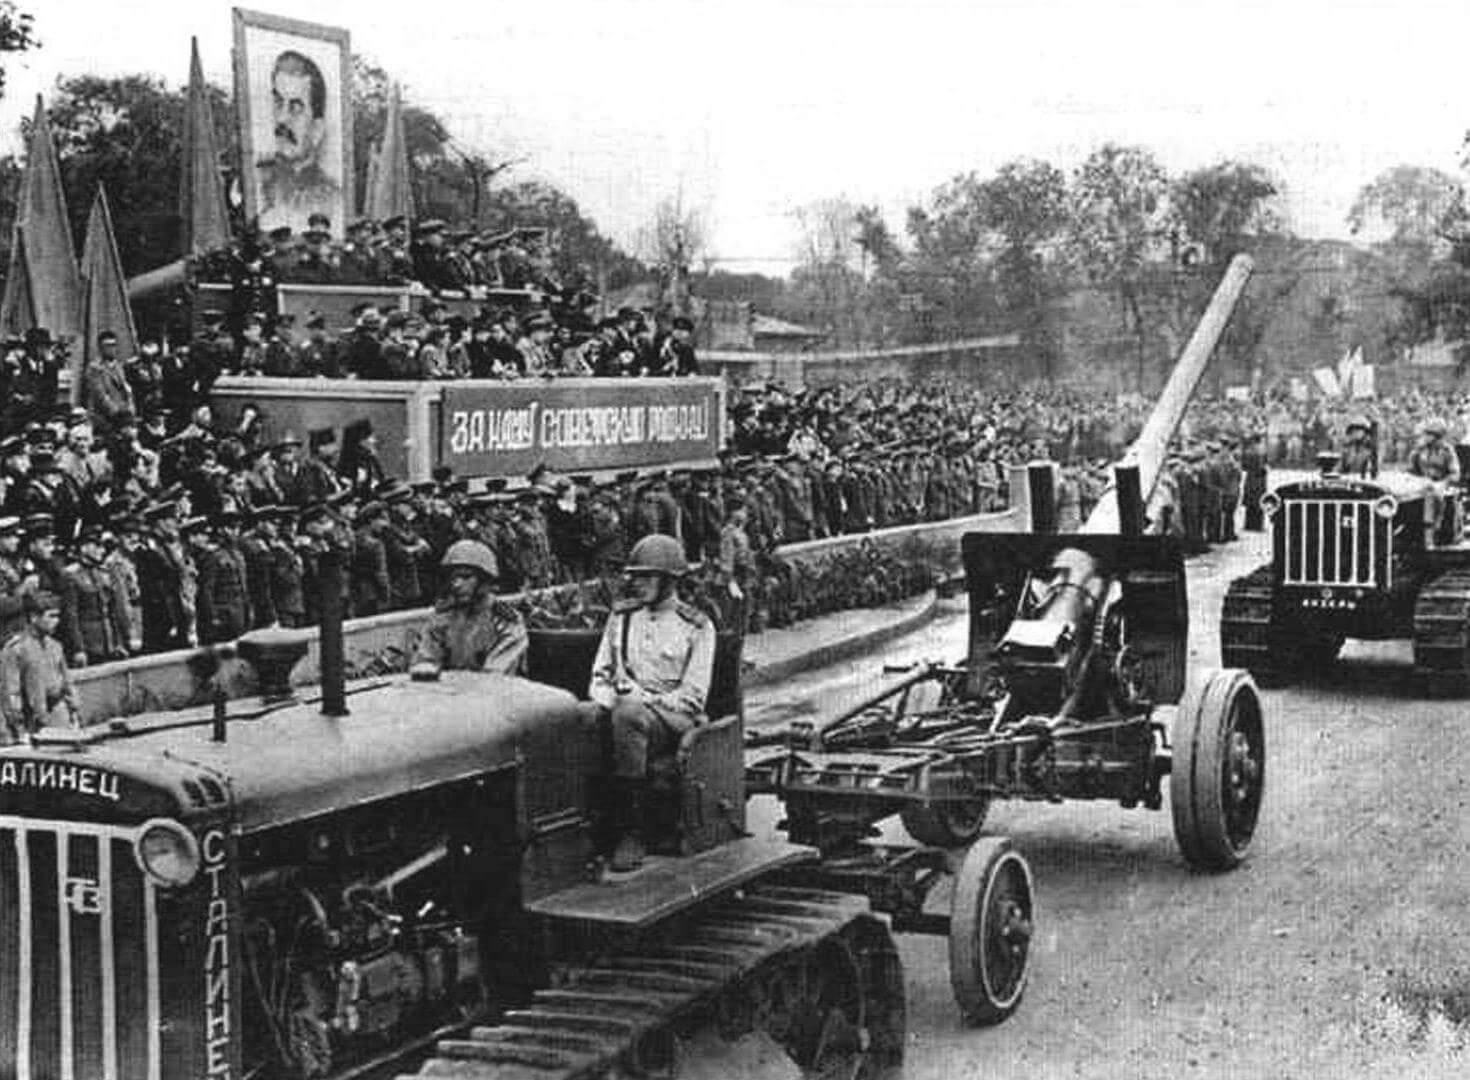 «Сталинец» С-65 на параде в Хабаровске в честь победы над Японией, 6 сентября 1945 г.